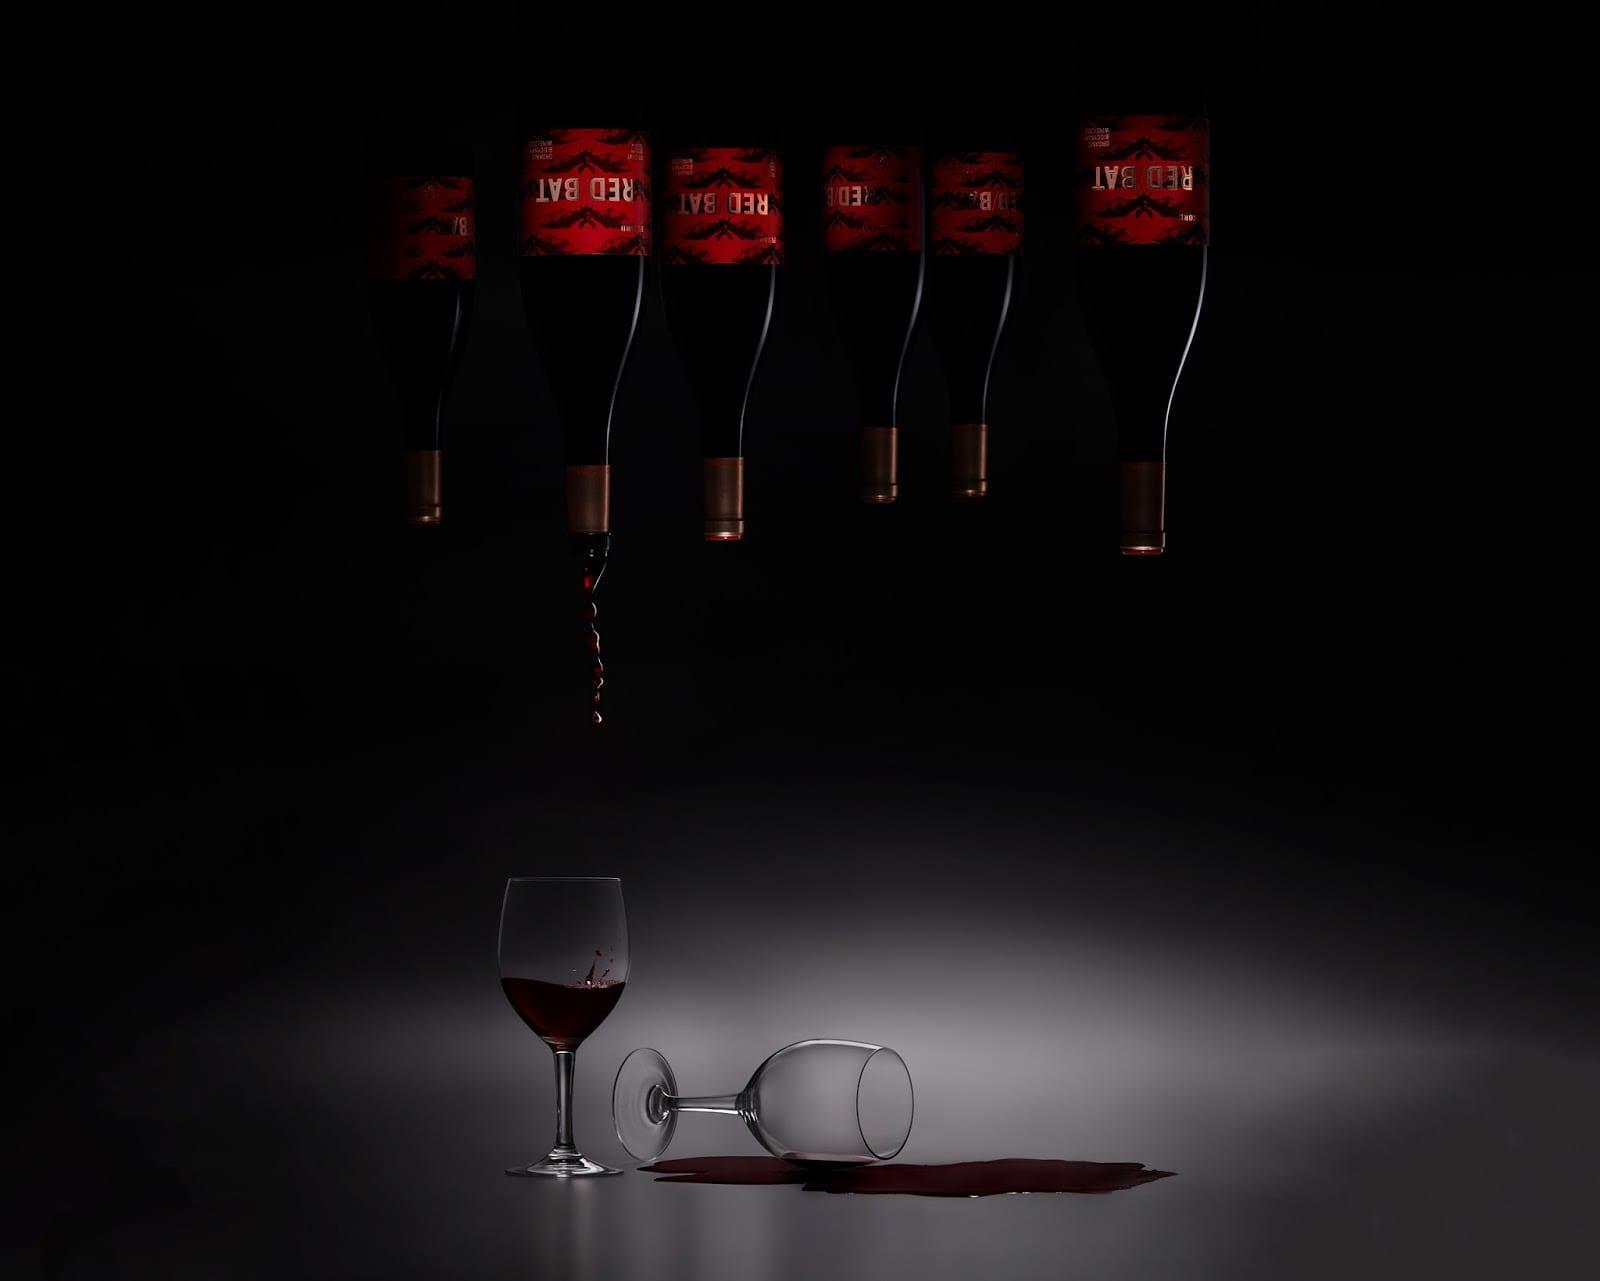 Vibranding RedBat Etiqueta 0 2560 - Ach, tie obaly – Red Bat